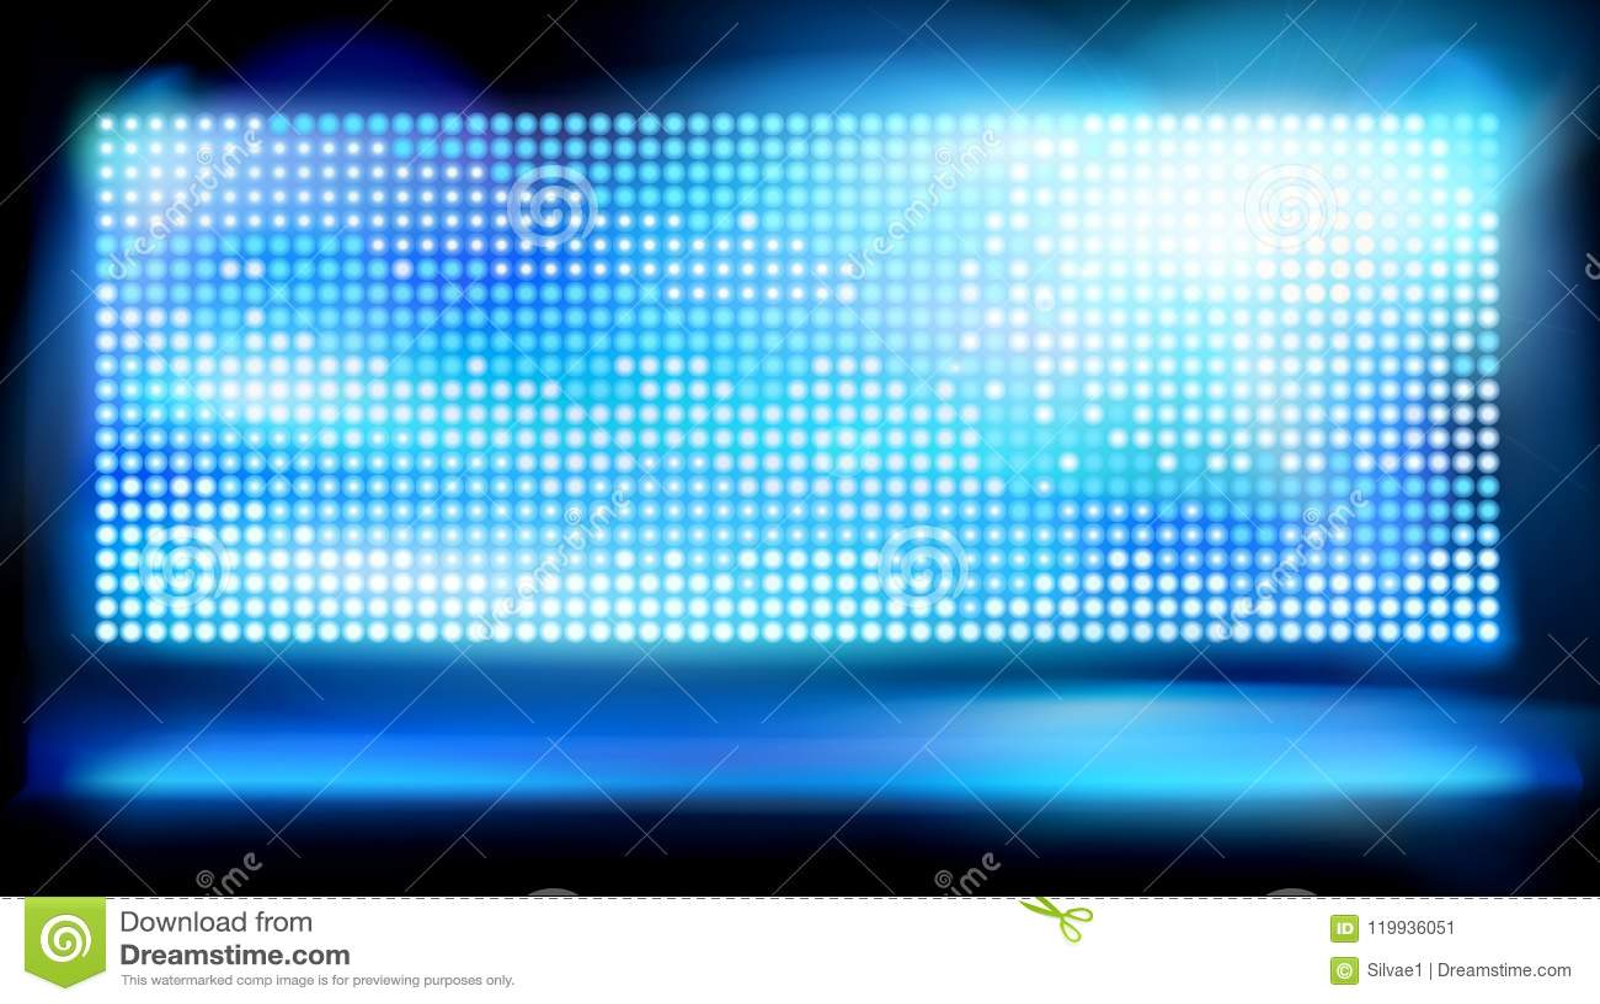 Duży dowodzony projekcyjny ekran również zwrócić corel ilustracji wektora